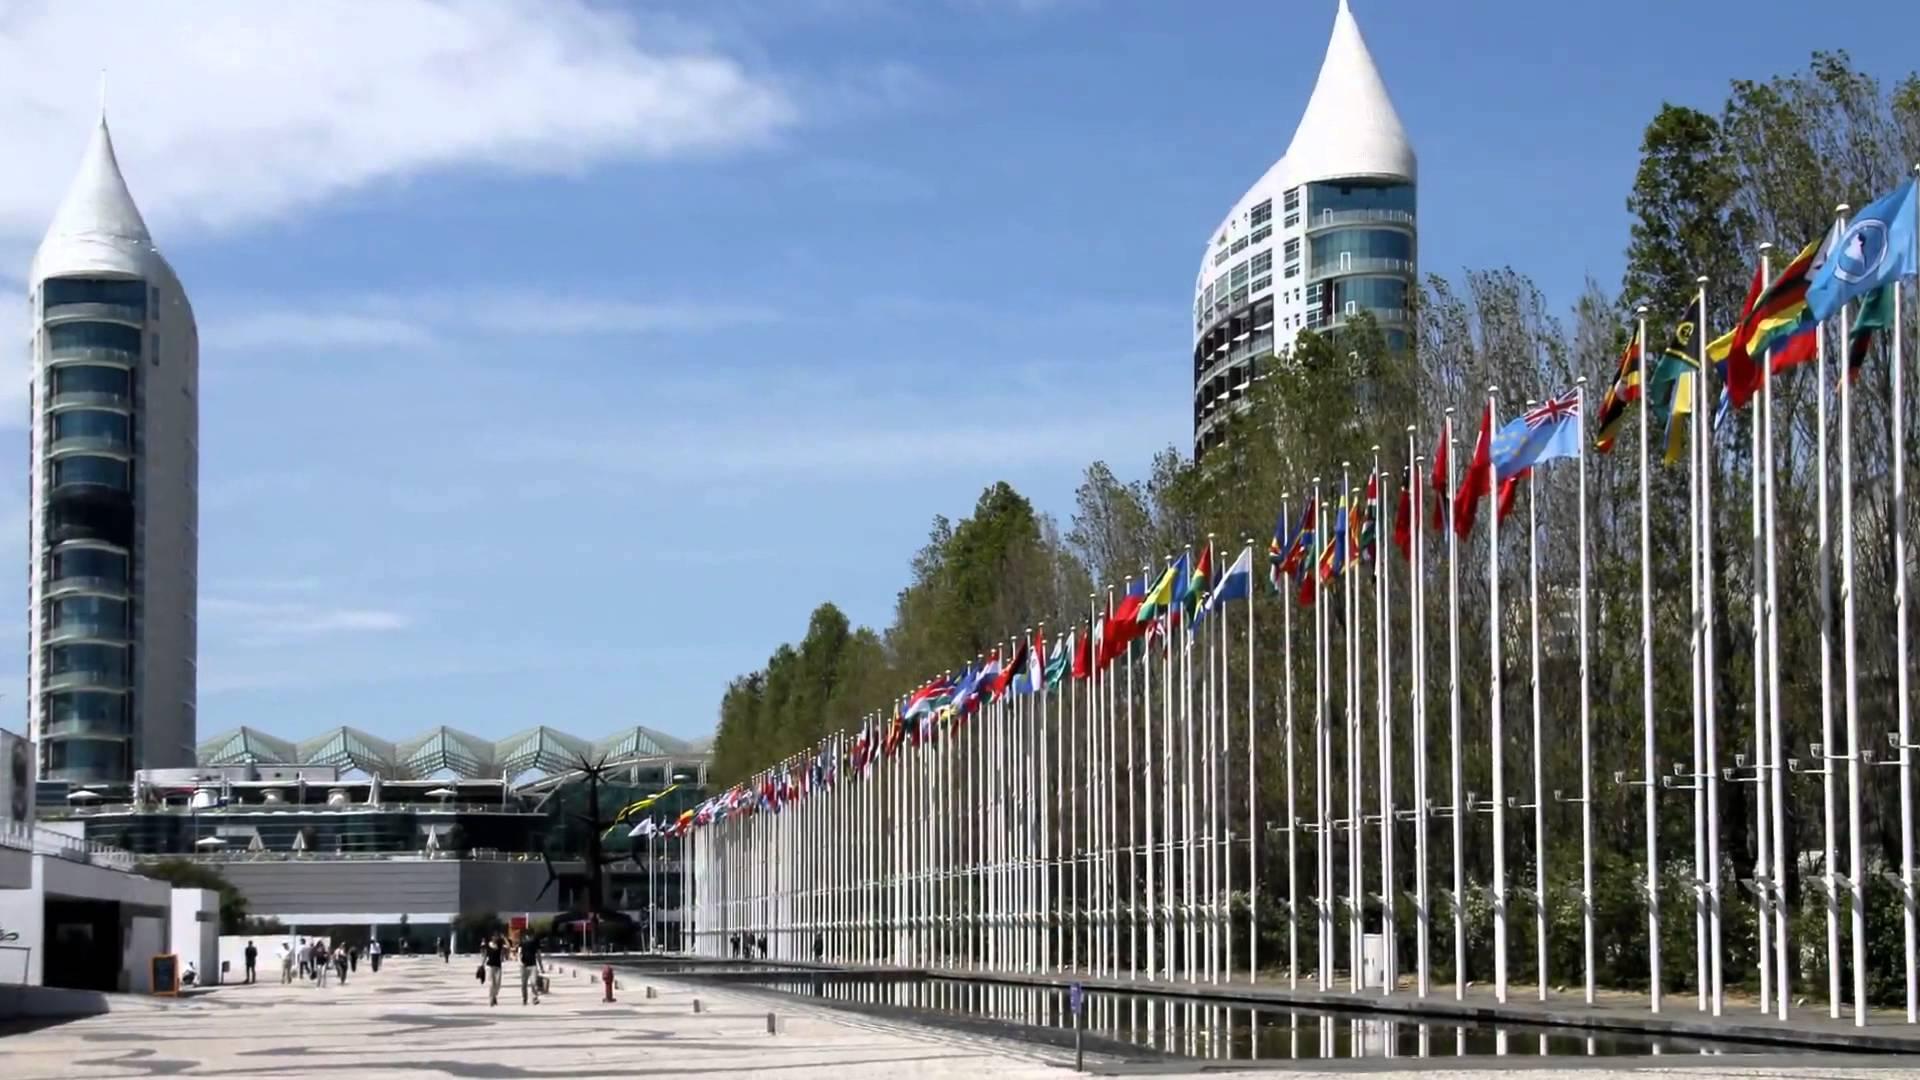 parque das nações - MEP